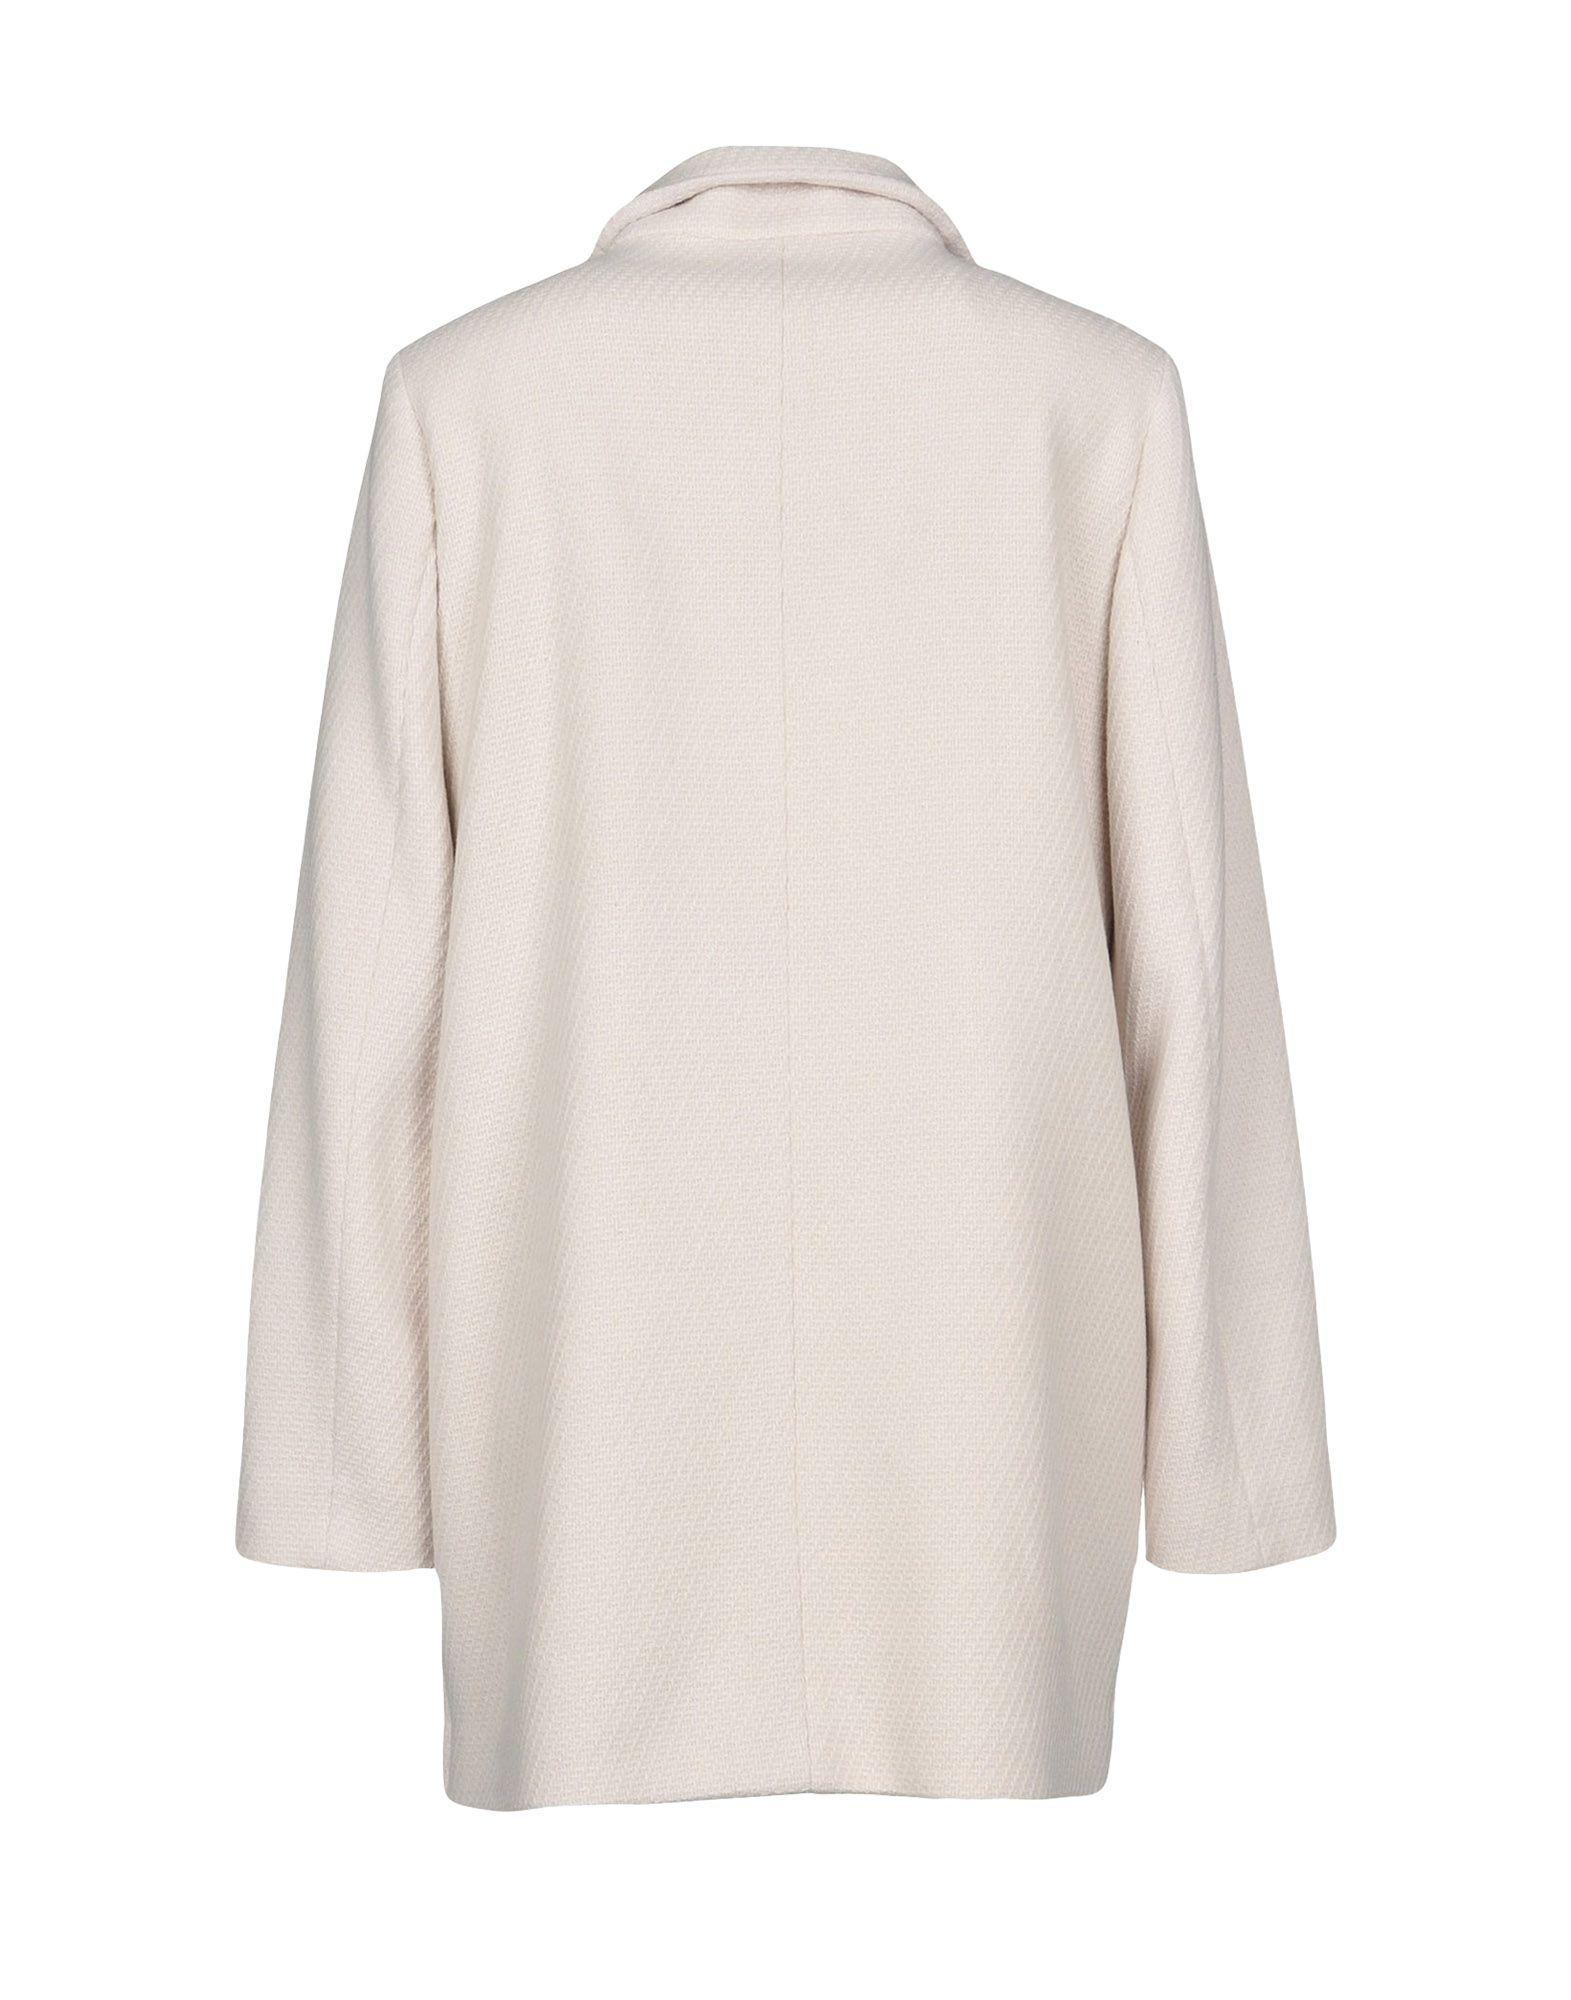 COATS & JACKETS Schneiders Ivory Woman Virgin Wool